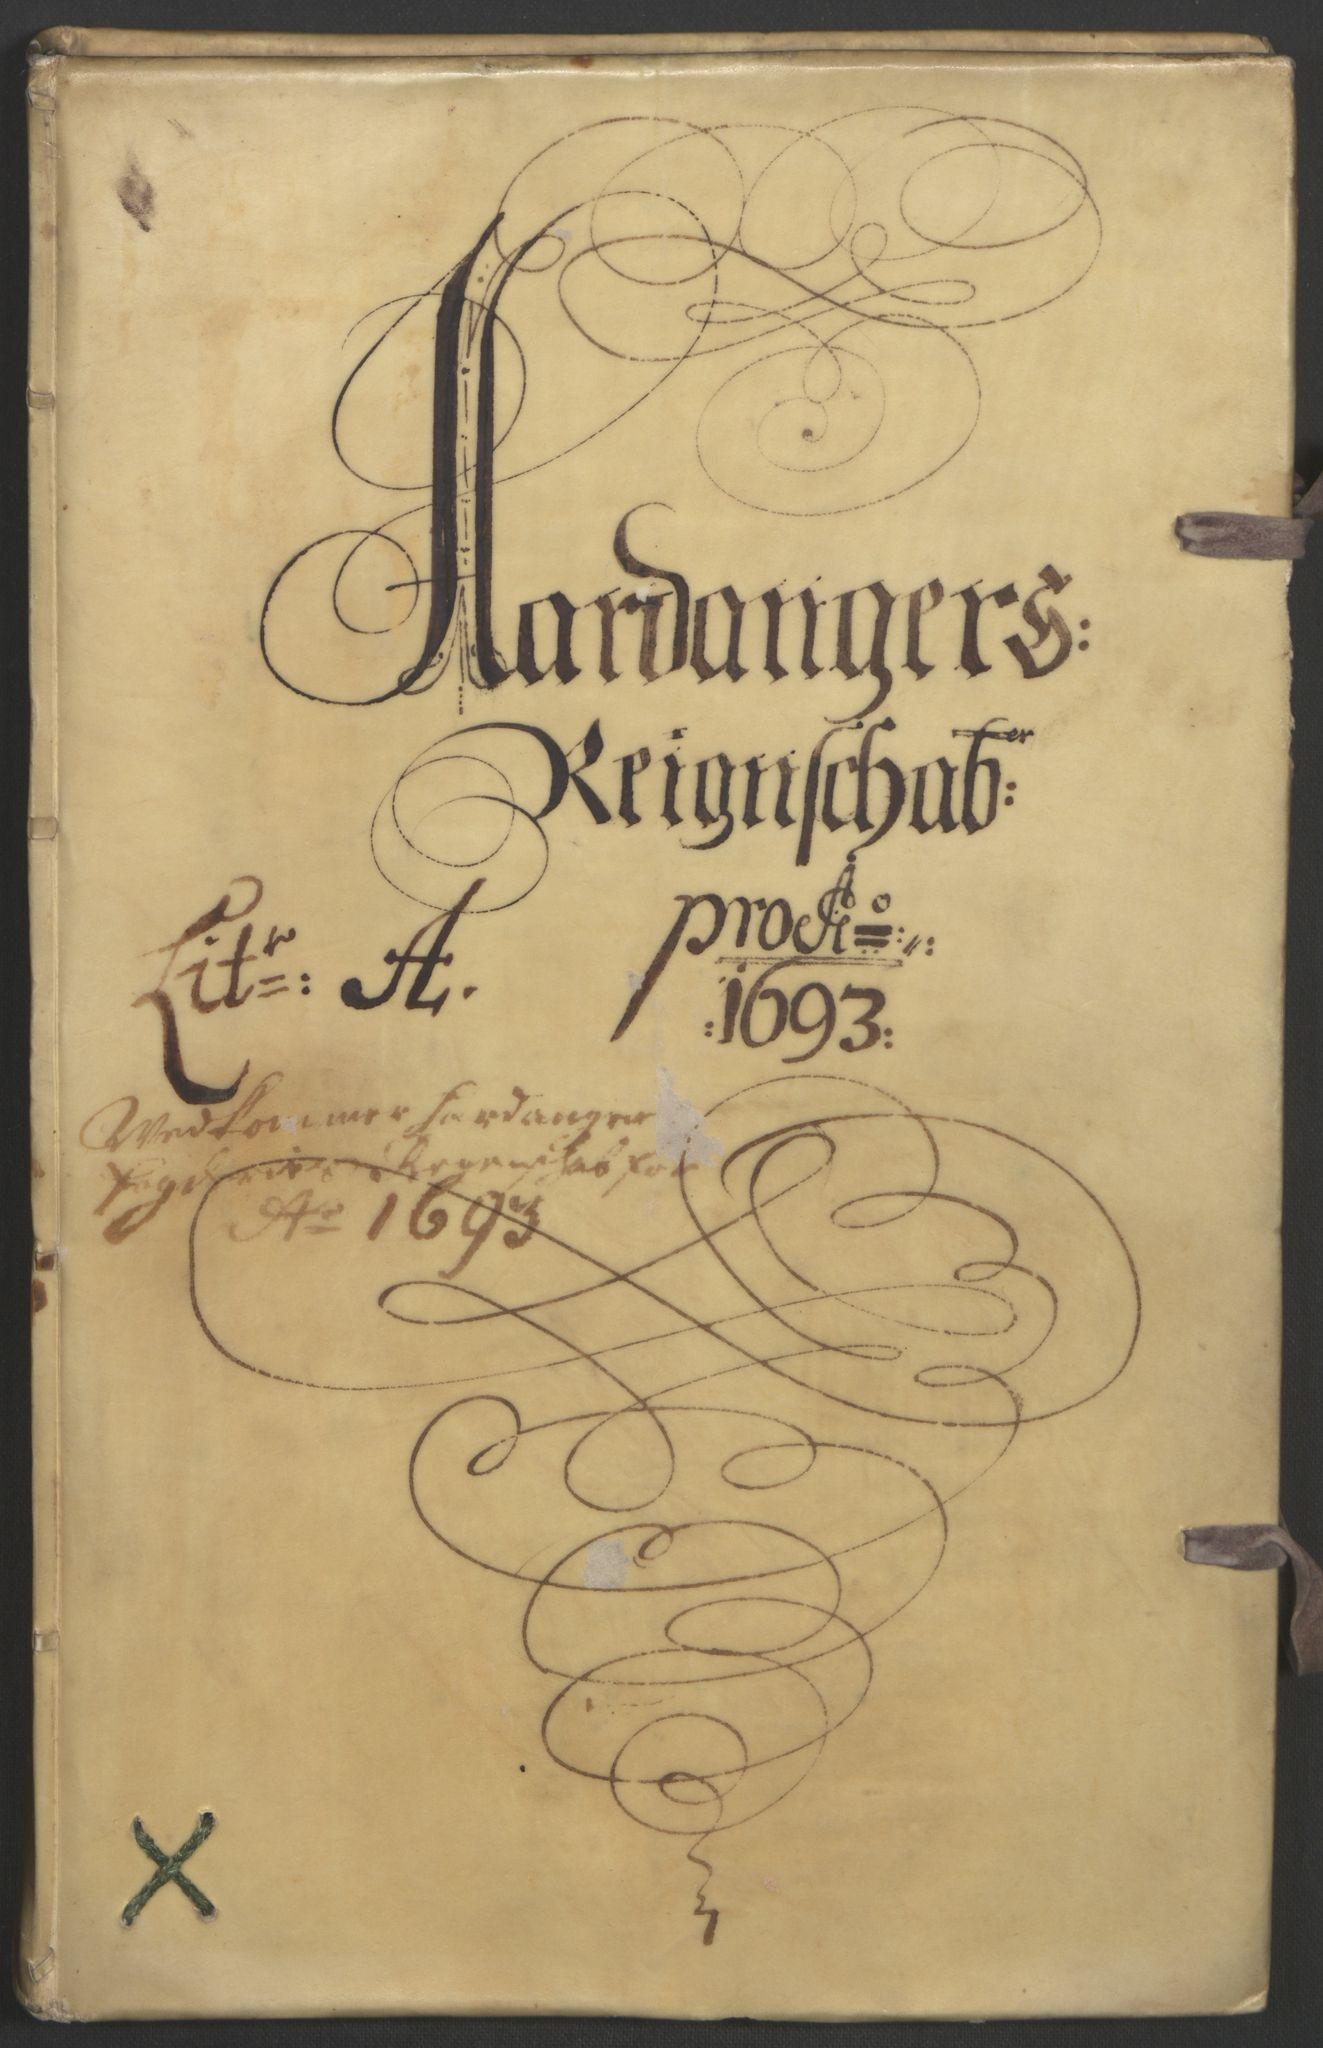 RA, Rentekammeret inntil 1814, Reviderte regnskaper, Fogderegnskap, R48/L2974: Fogderegnskap Sunnhordland og Hardanger, 1693, s. 143